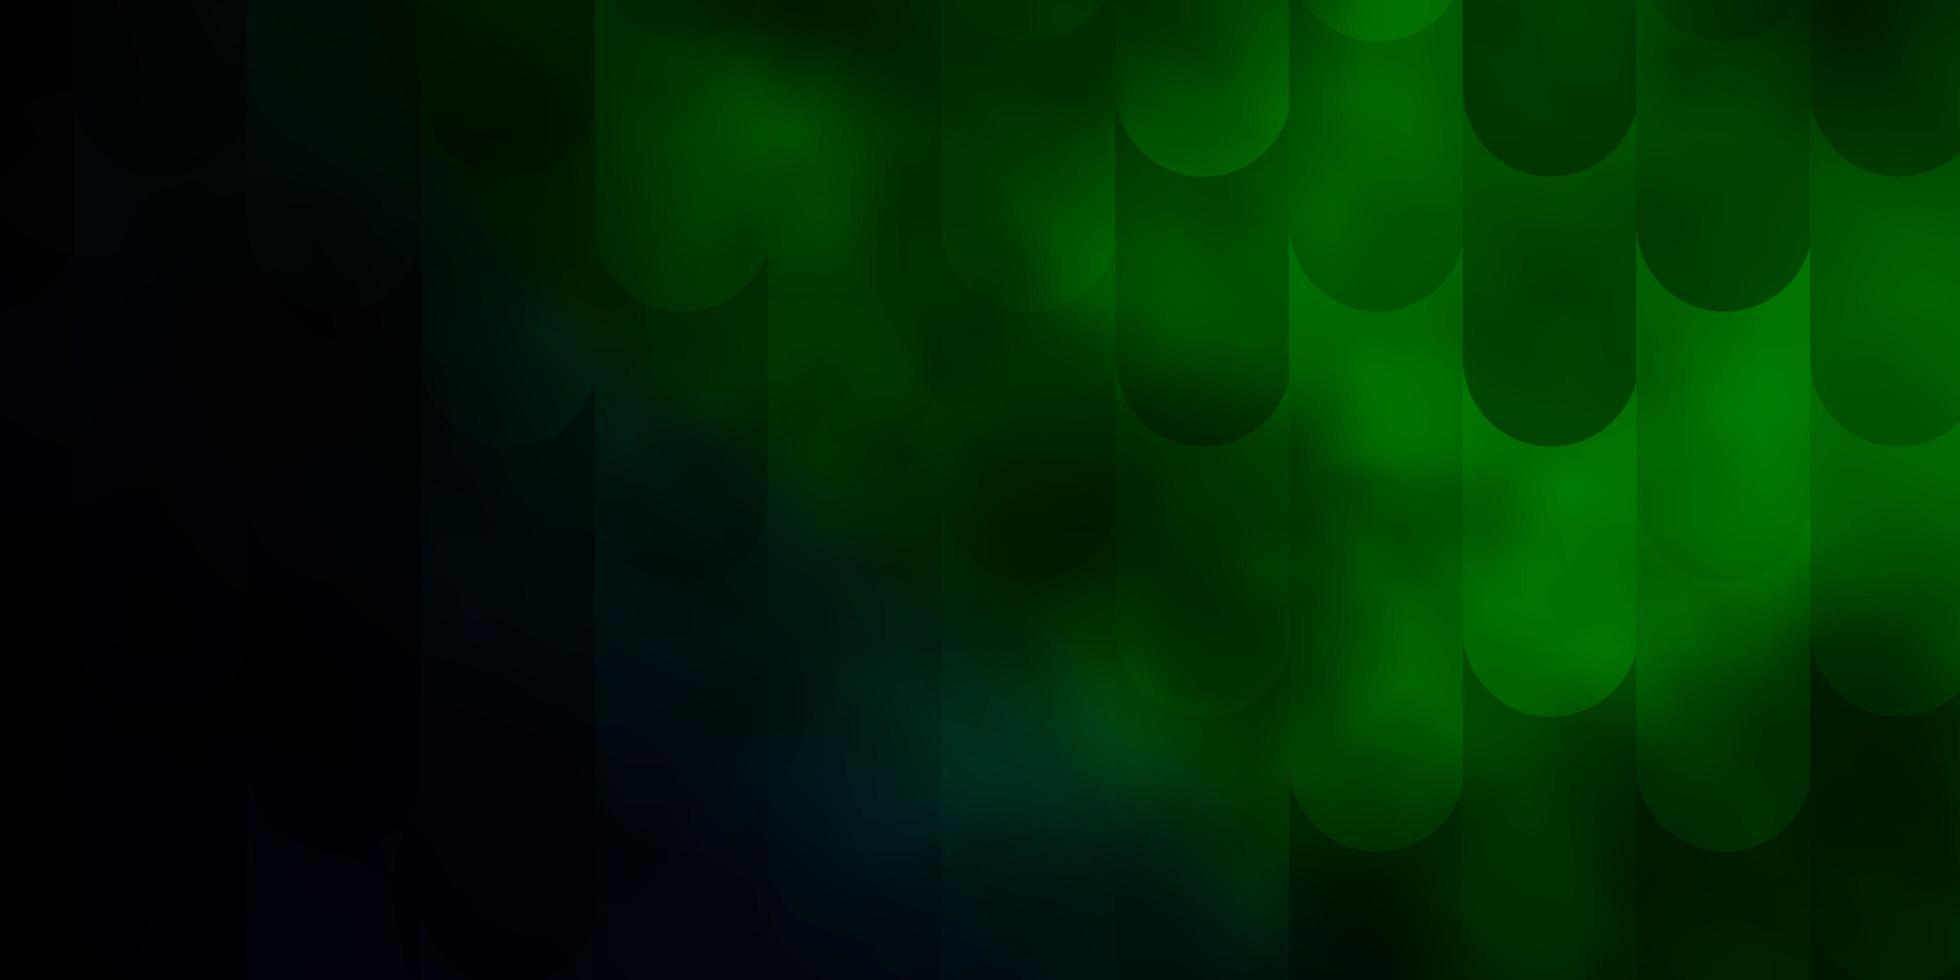 textura de vector verde oscuro con líneas.